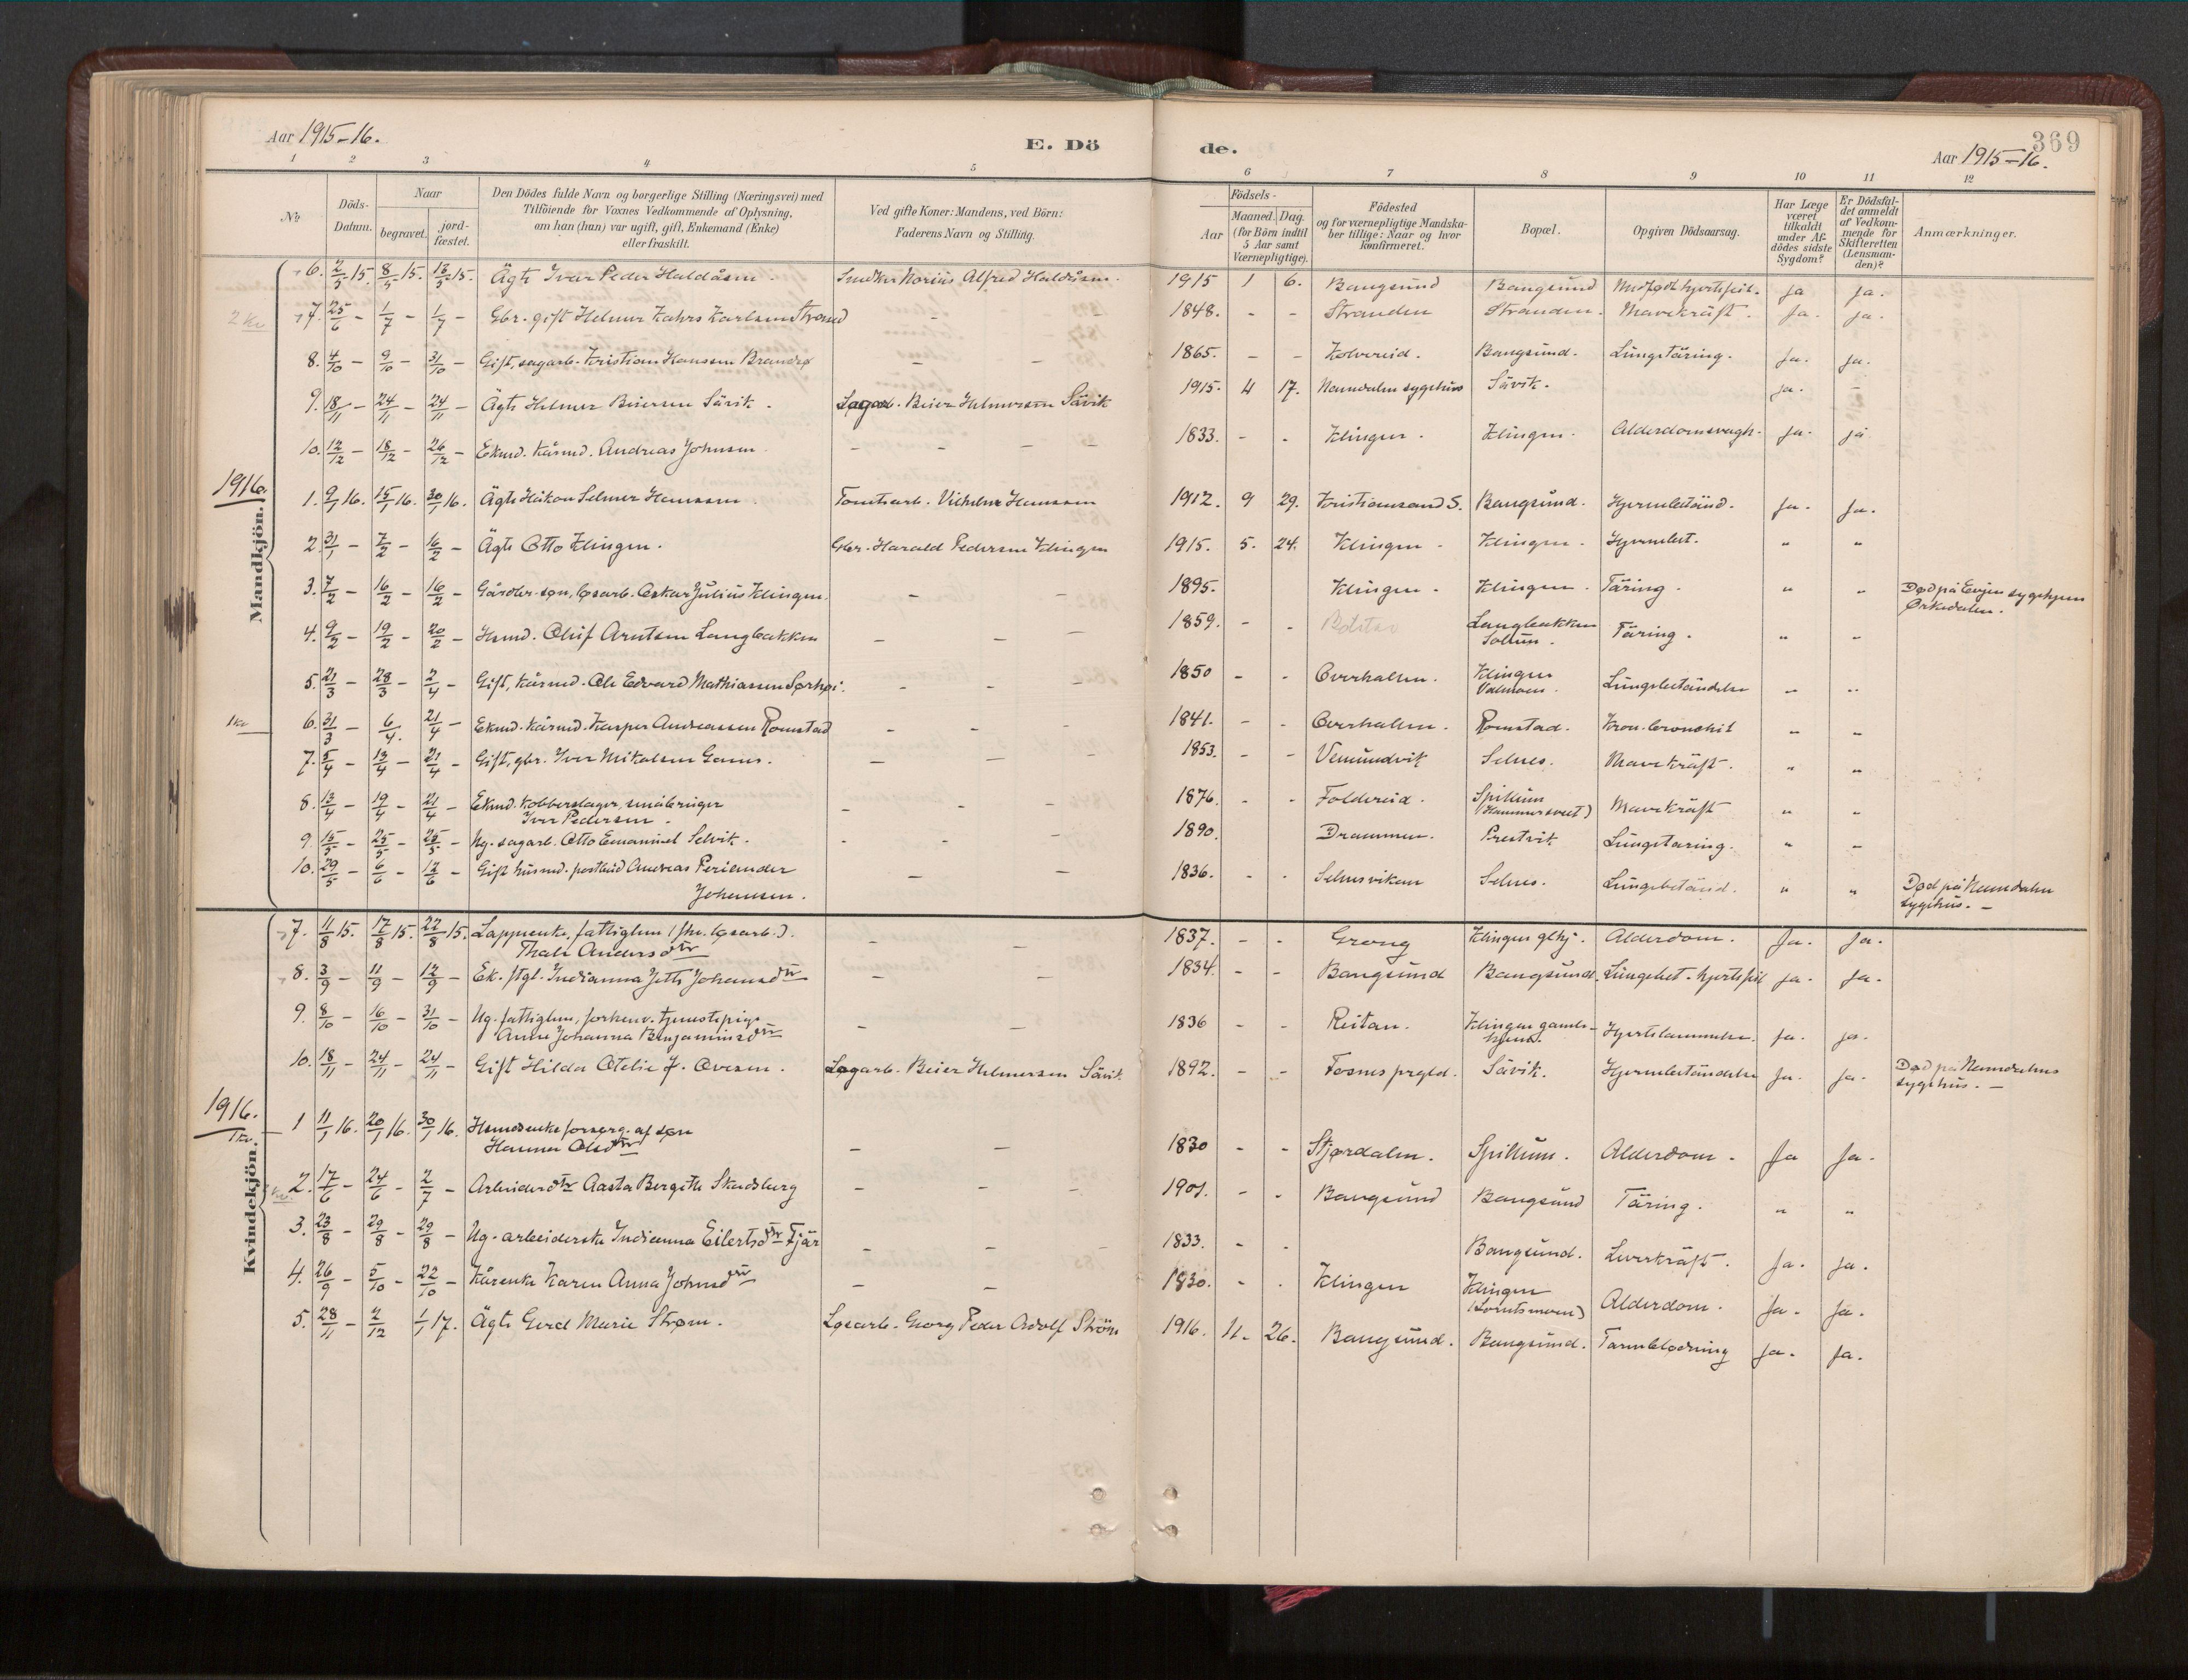 SAT, Ministerialprotokoller, klokkerbøker og fødselsregistre - Nord-Trøndelag, 770/L0589: Ministerialbok nr. 770A03, 1887-1929, s. 369